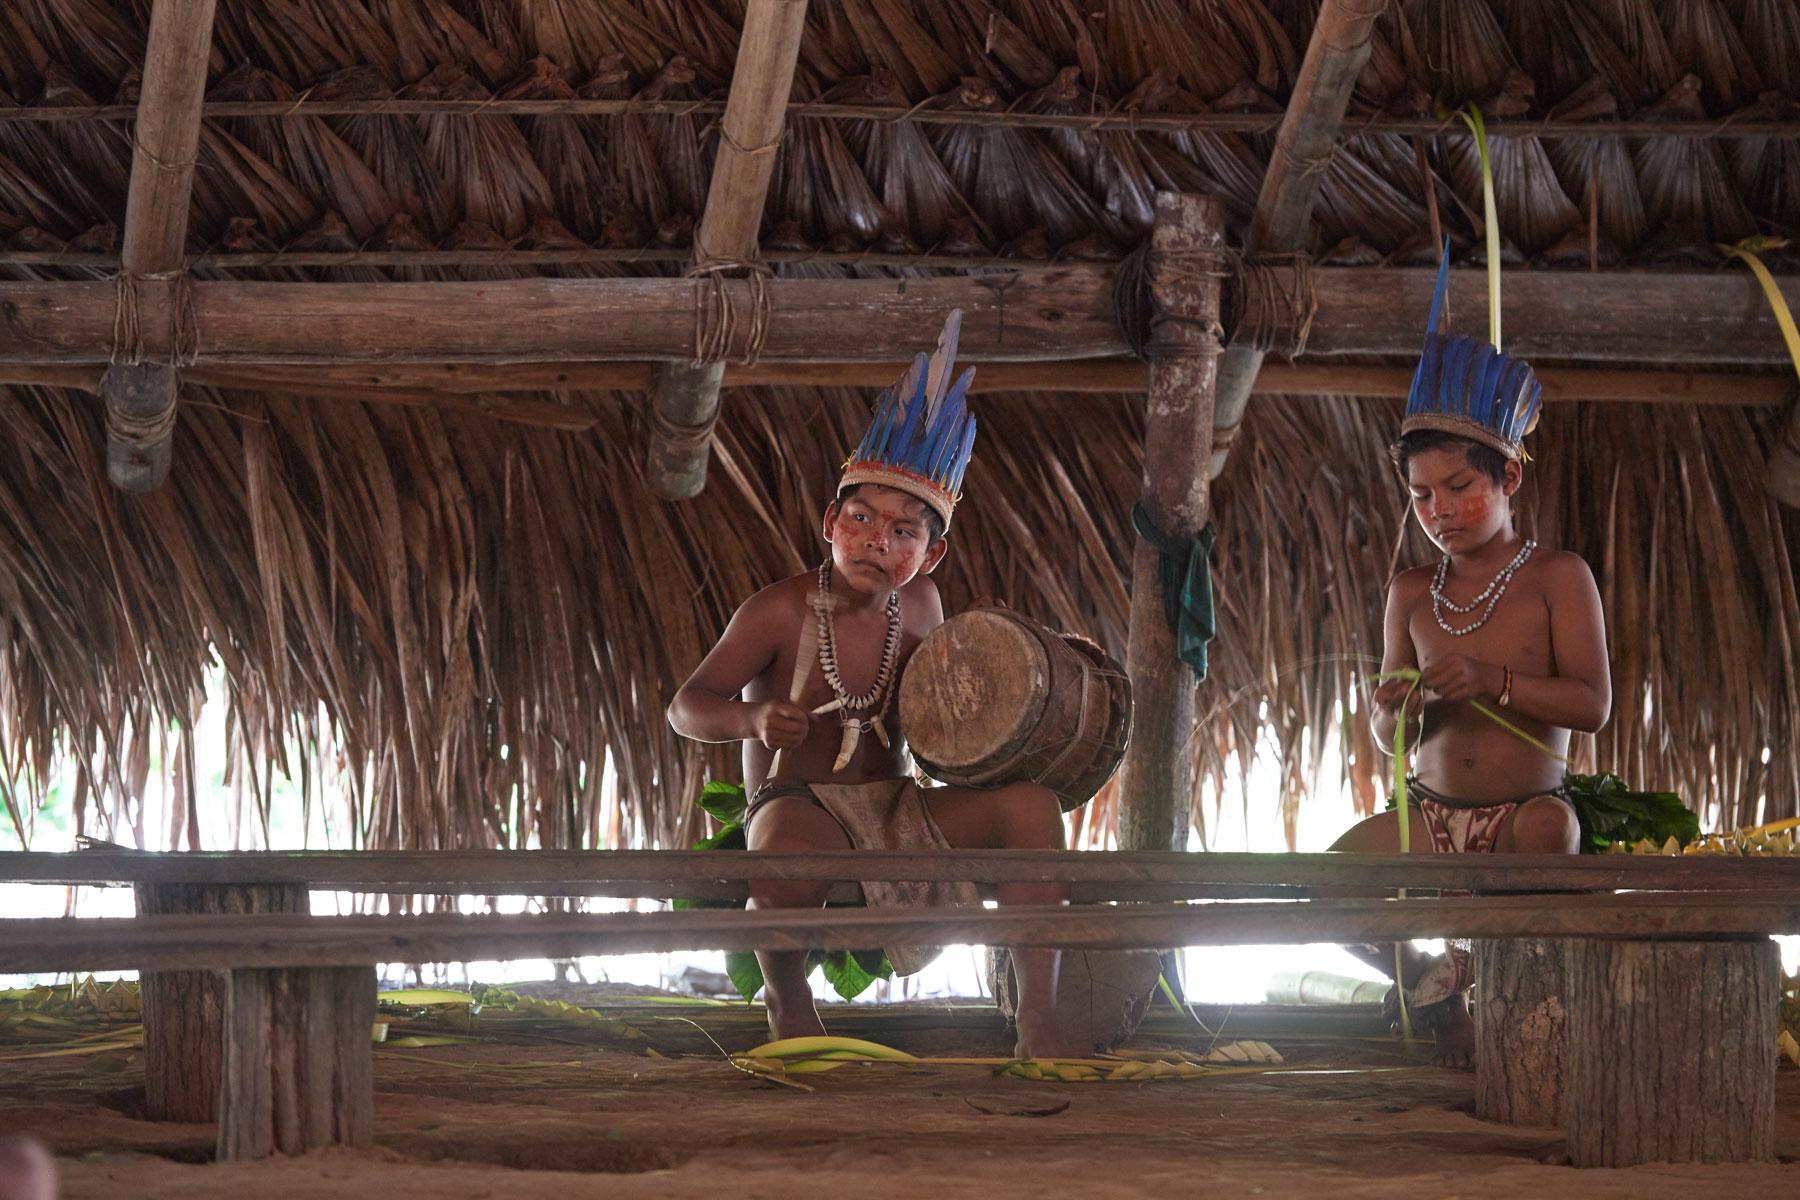 Bild zweier indogener Jungen mit Kopfschmuck und Bemalung beim trommeln und basteln